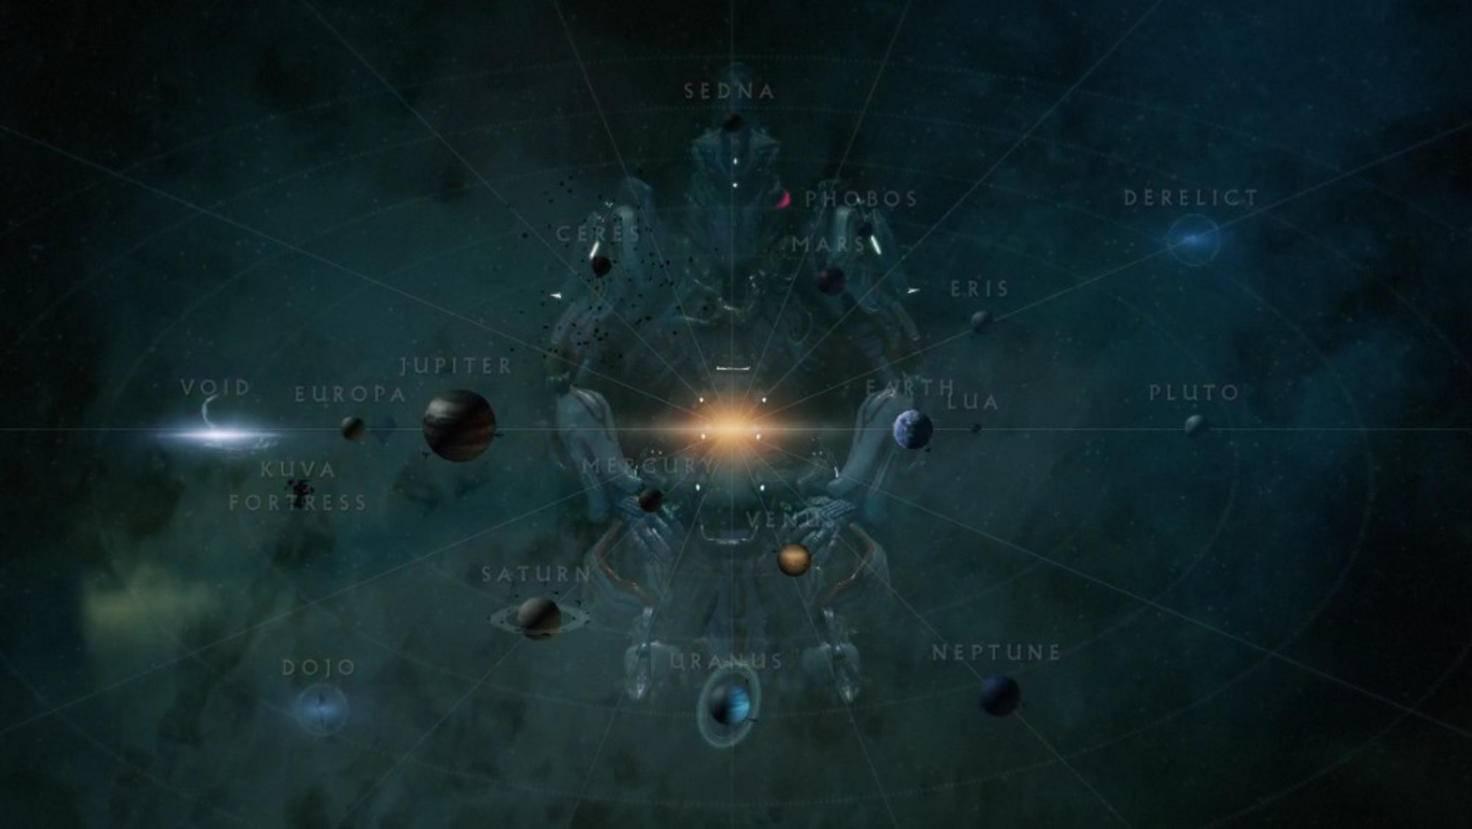 So viel zu tun! Jeder Planet der Sternenkarte hält Dutzende von Missionen bereit.